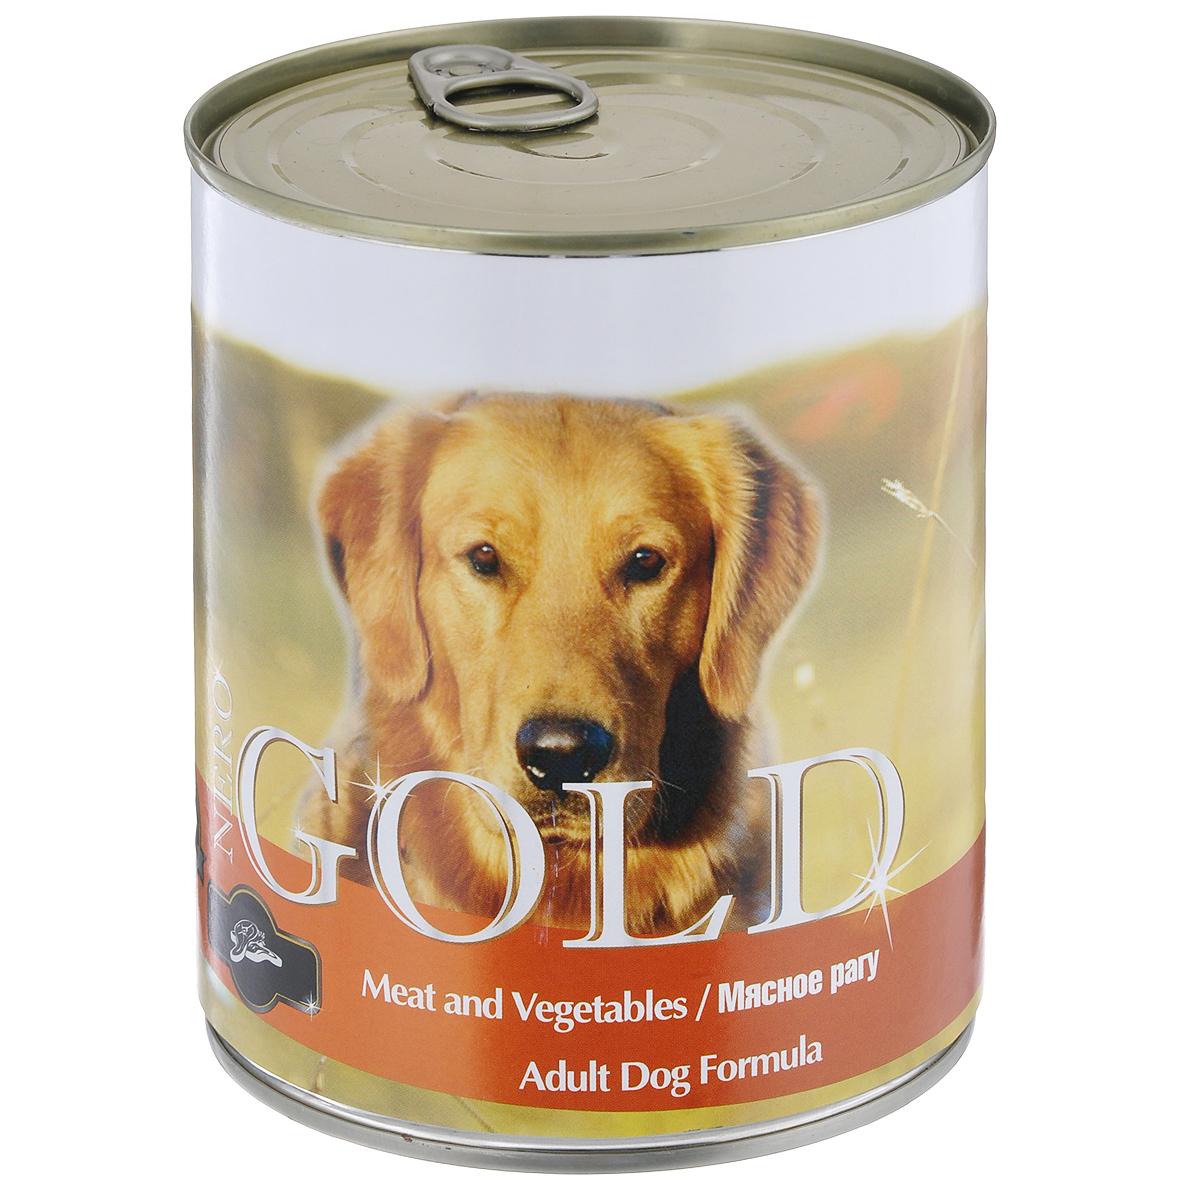 Консервы для собак Nero Gold, мясное рагу, 810 г0120710Консервы для собак Nero Gold - полнорационный продукт, содержащий все необходимые витамины и минералы, сбалансированный для поддержания оптимального здоровья вашего питомца! Состав: мясо и его производные, филе курицы, овощи, злаки, витамины и минералы. Гарантированный анализ: белки 6,5%, жиры 4,5%, клетчатка 0,5%, зола 2%, влага 81%. Пищевые добавки на 1 кг продукта: витамин А 1600 МЕ, витамин D 140 МЕ, витамин Е 10 МЕ, железо 24 мг, марганец 6 мг, цинк 15 мг, медь 1 мг, магний 200 мг, йод 0,3 мг, селен 0,2 мг.Вес: 810 г. Товар сертифицирован.